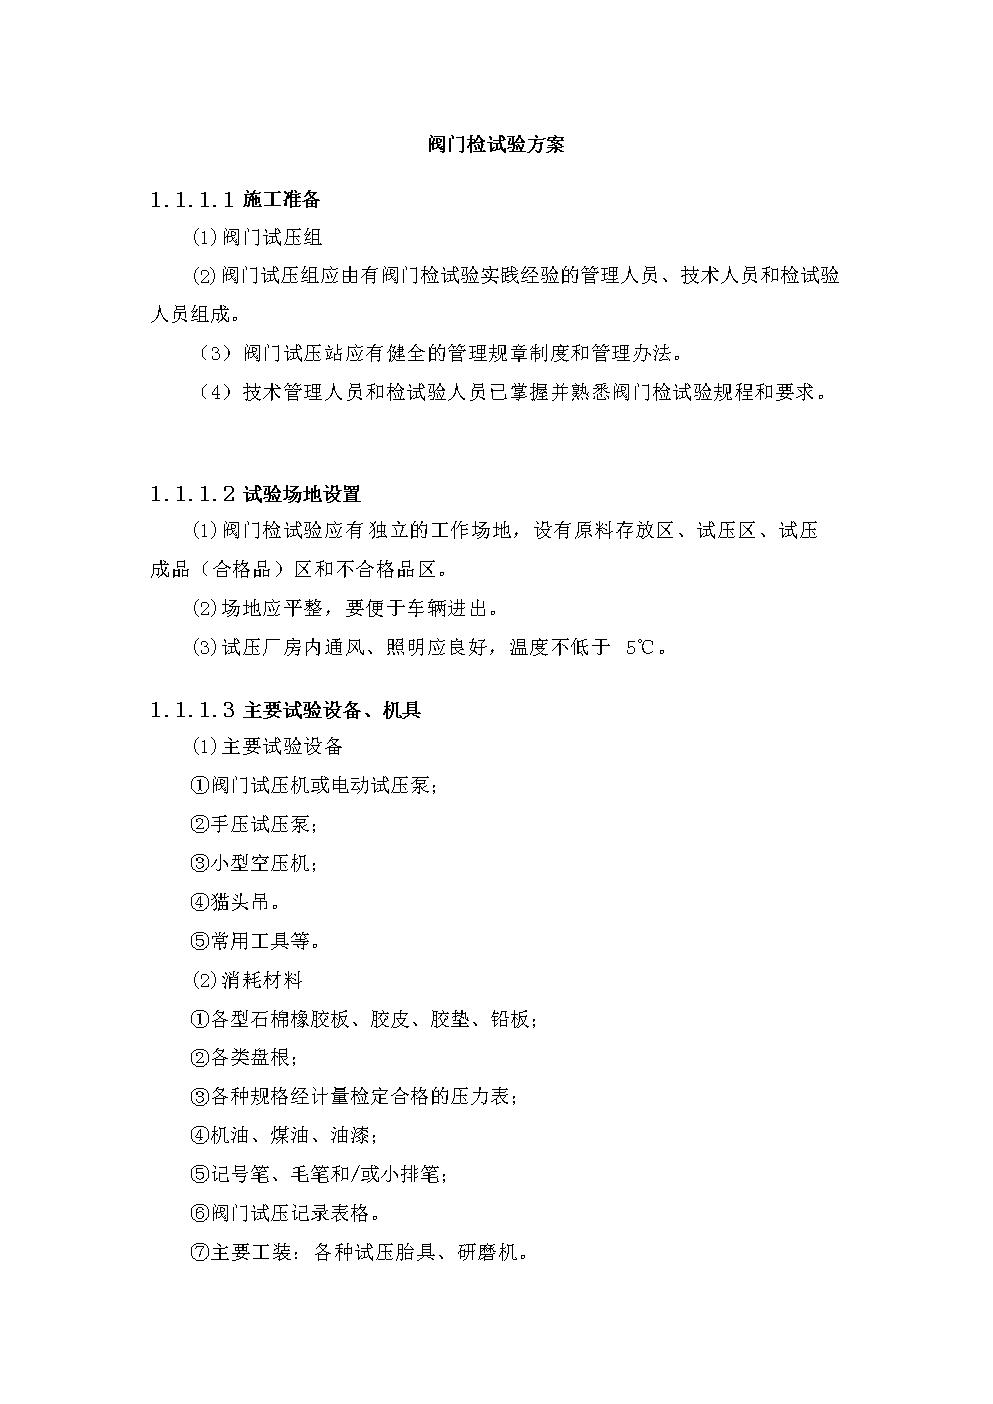 阀门检试验方案.doc